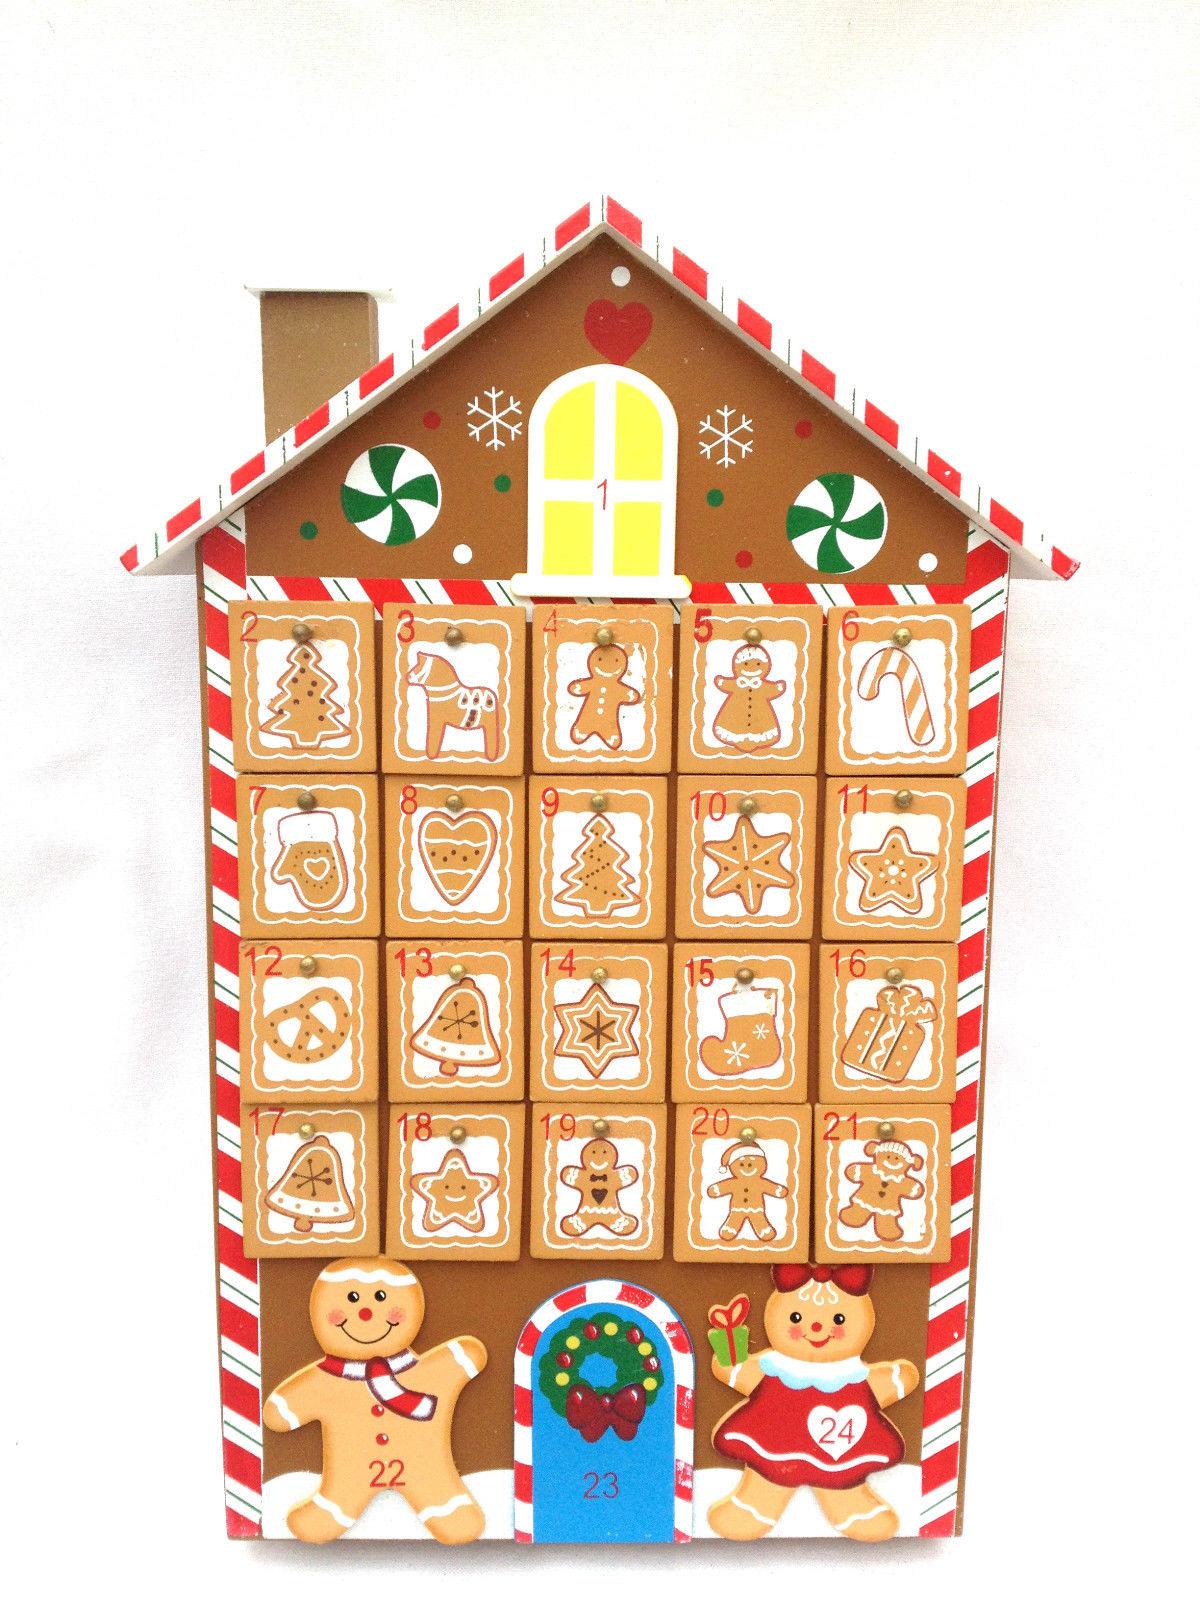 ... CHRISTMAS CHILDREN'S WOODEN GINGERBREAD MAN HOUSE ADVENT CALENDAR